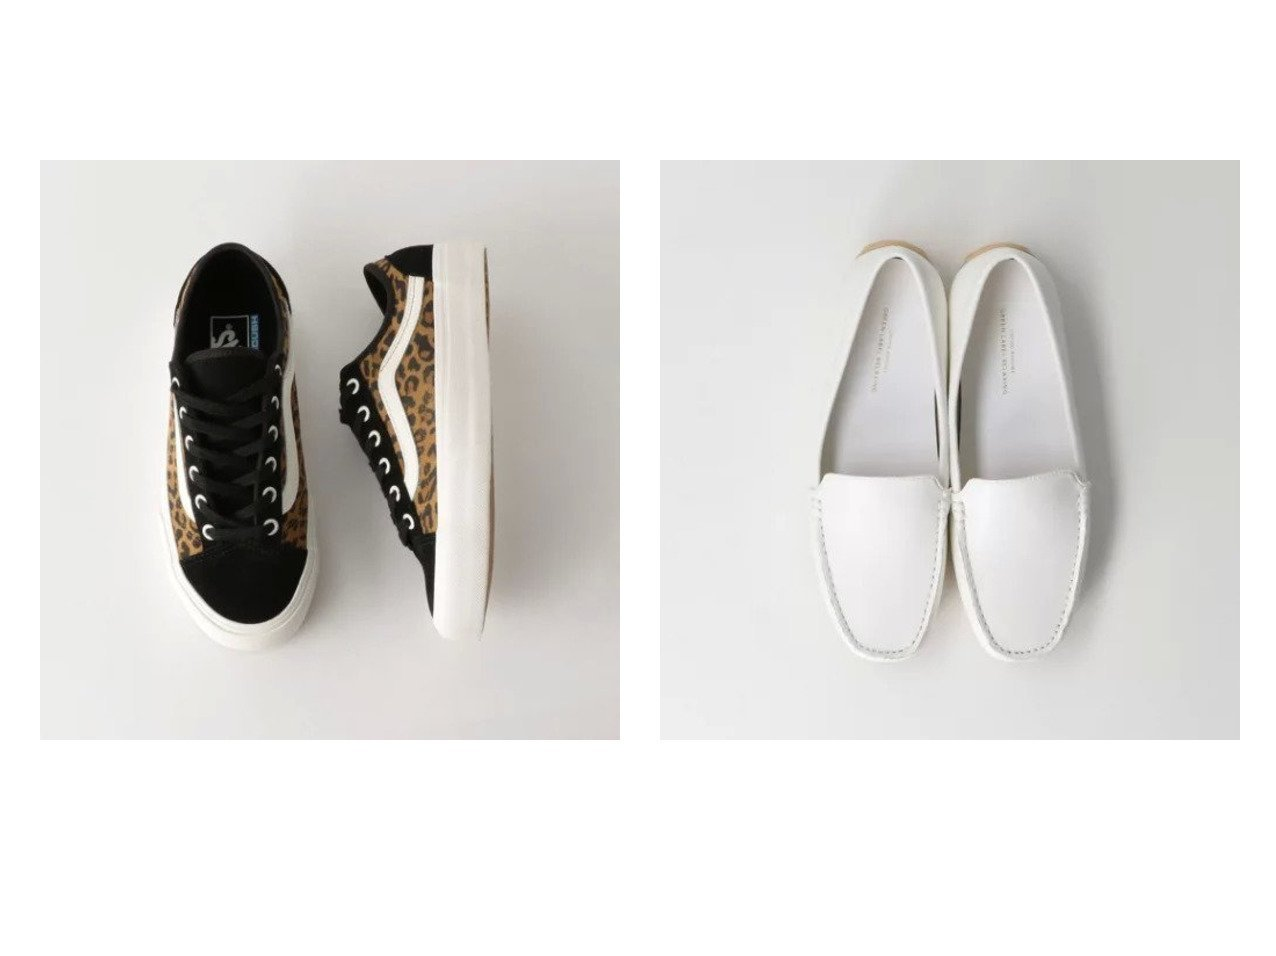 【green label relaxing / UNITED ARROWS/グリーンレーベル リラクシング / ユナイテッドアローズ】の[ ヴァンズ ] VANS STYLE36 DCN SF SC スニーカー&CFC ドライビング スリッポン シューズ・靴のおすすめ!人気、トレンド・レディースファッションの通販 おすすめで人気の流行・トレンド、ファッションの通販商品 メンズファッション・キッズファッション・インテリア・家具・レディースファッション・服の通販 founy(ファニー) https://founy.com/ ファッション Fashion レディースファッション WOMEN クッション サマー シューズ スクエア スニーカー スリッポン デニム バランス フィット フォルム フラット ベーシック カリフォルニア シンプル 人気 レオパード レース おすすめ Recommend  ID:crp329100000023321